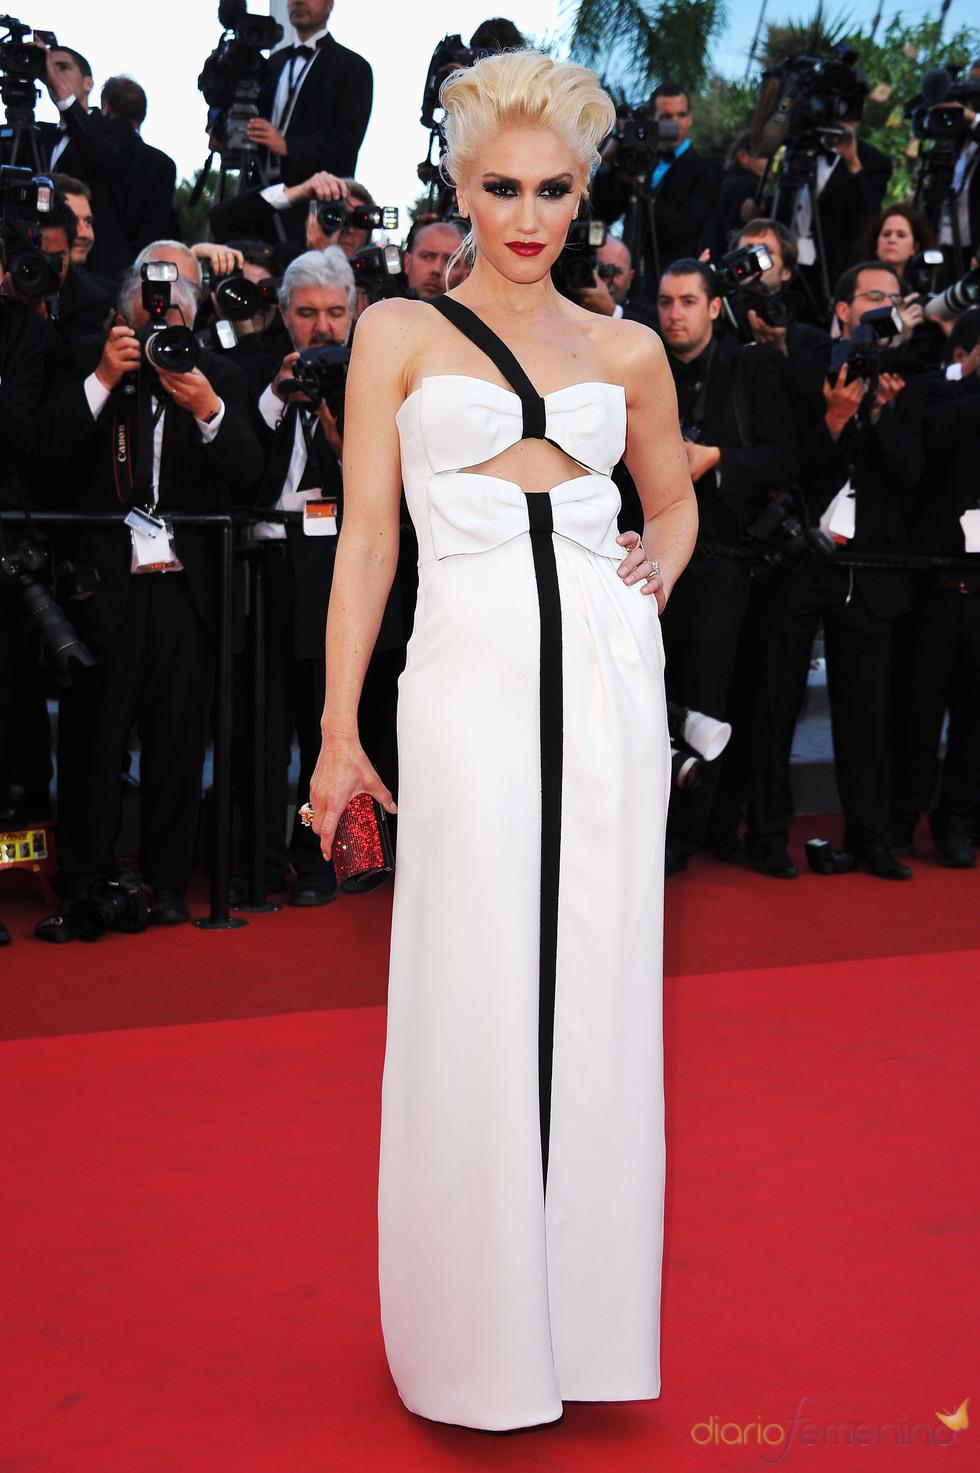 Gwen Stefani en la premier de 'This Must Be The Place' en Cannes 2011